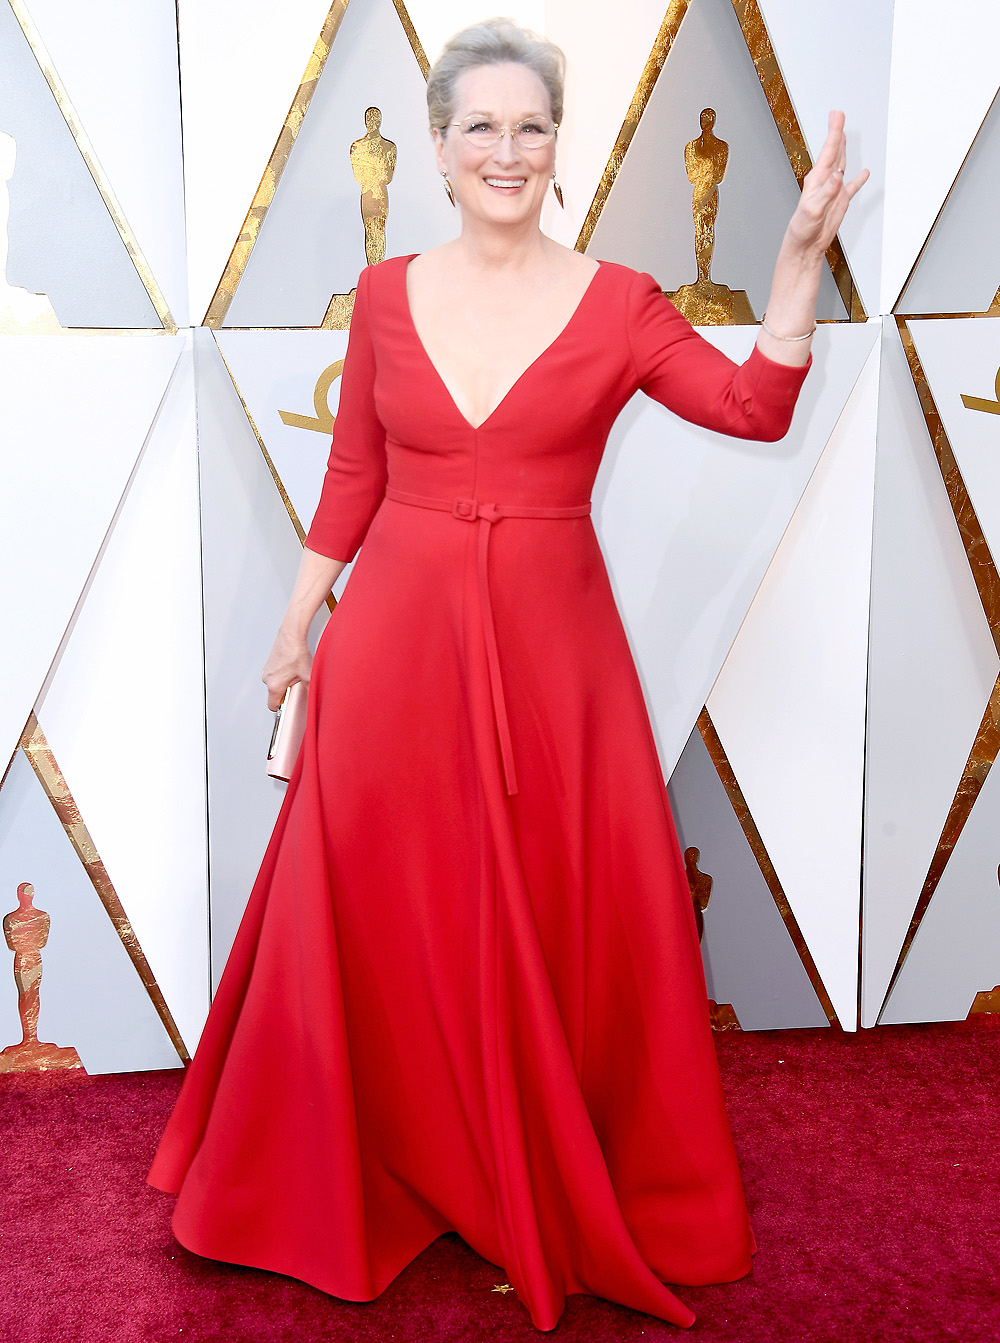 Годы им к лицу: Мэрил Стрип, Джейн Фонда и другие легенды кино на Oscar 2018